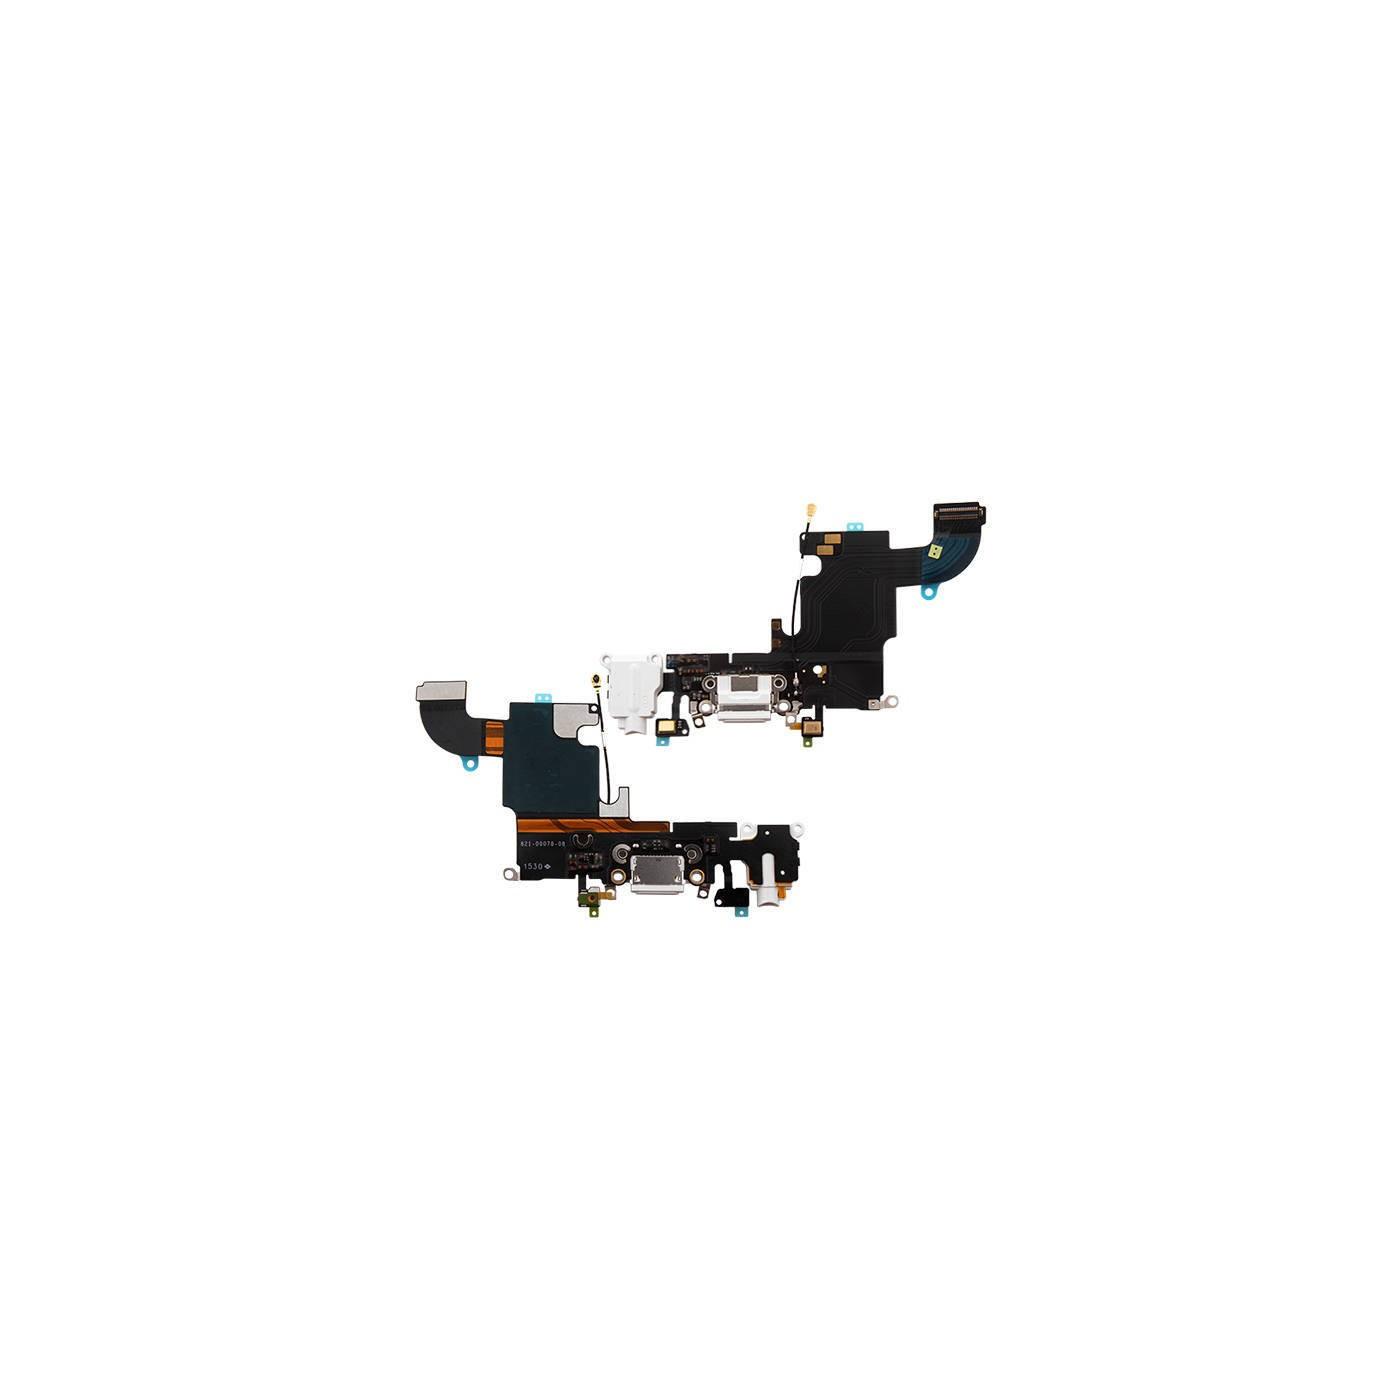 Connecteur de charge plat flexible pour microphone audio dock blanc iphone 6S